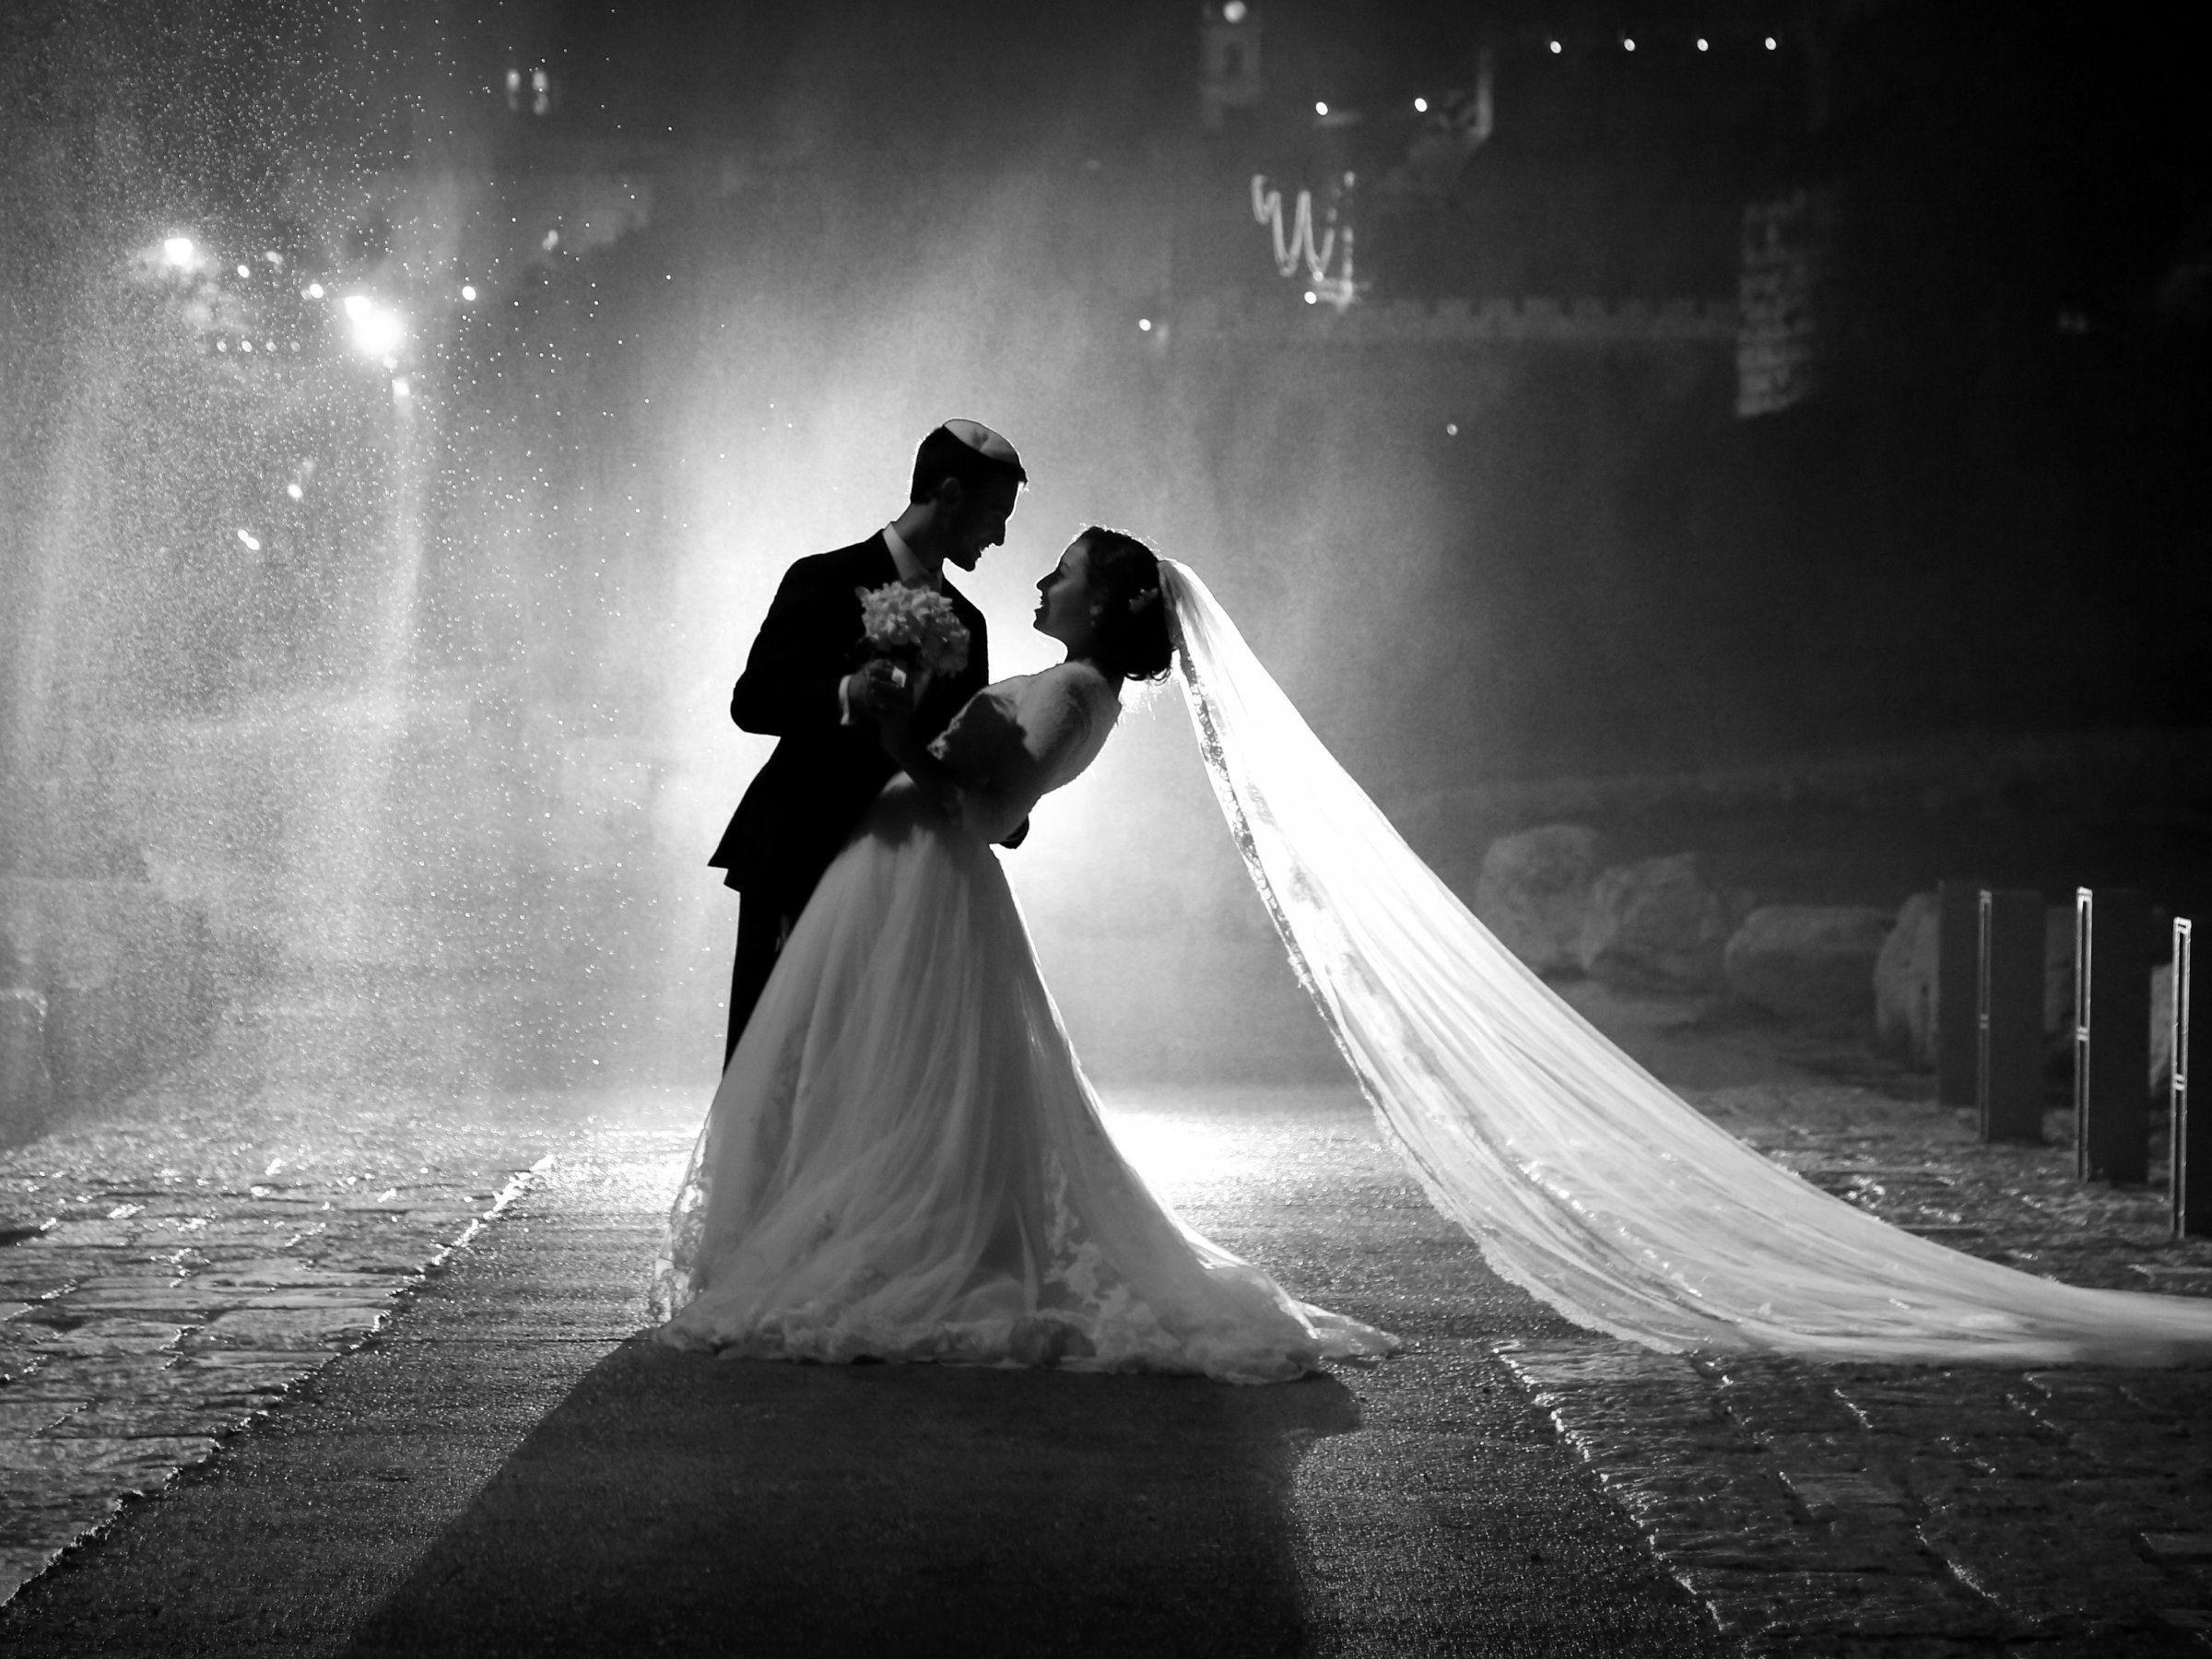 بالصور رمزيات عروس , العروس والتغير فى الرموز 1959 8